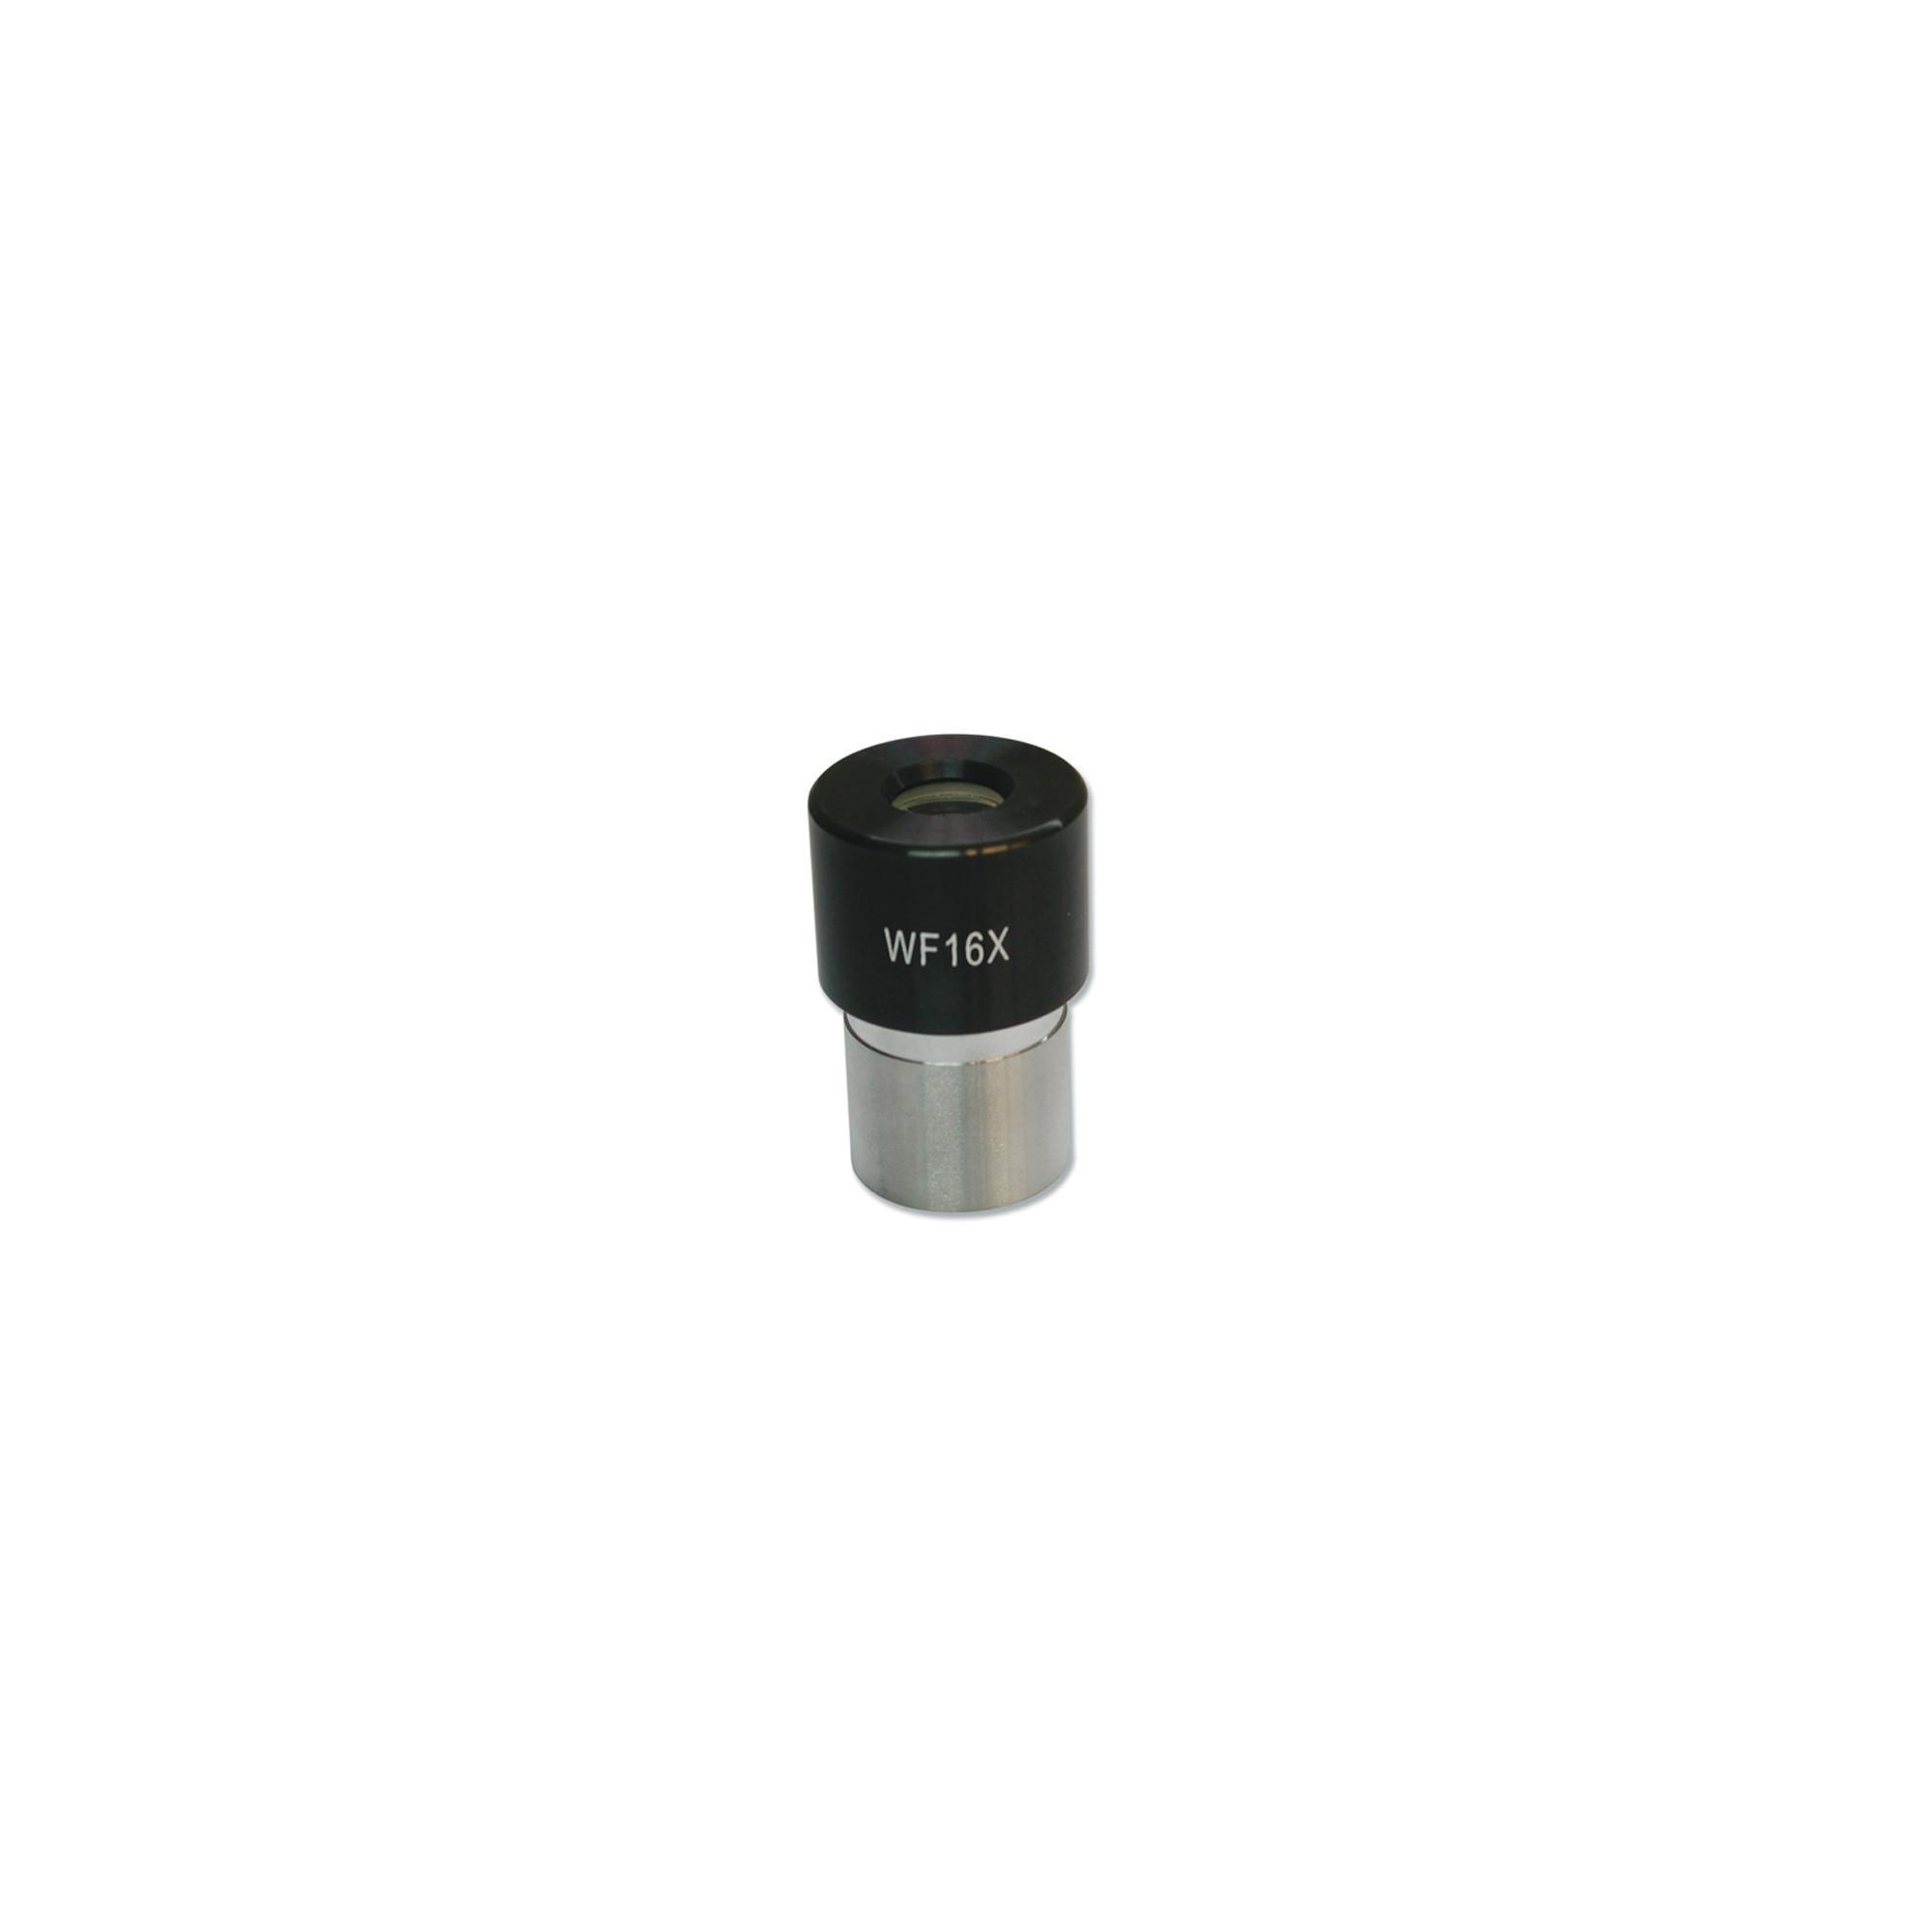 OCULAR PARA MICROSCOPIOS DE WF10X